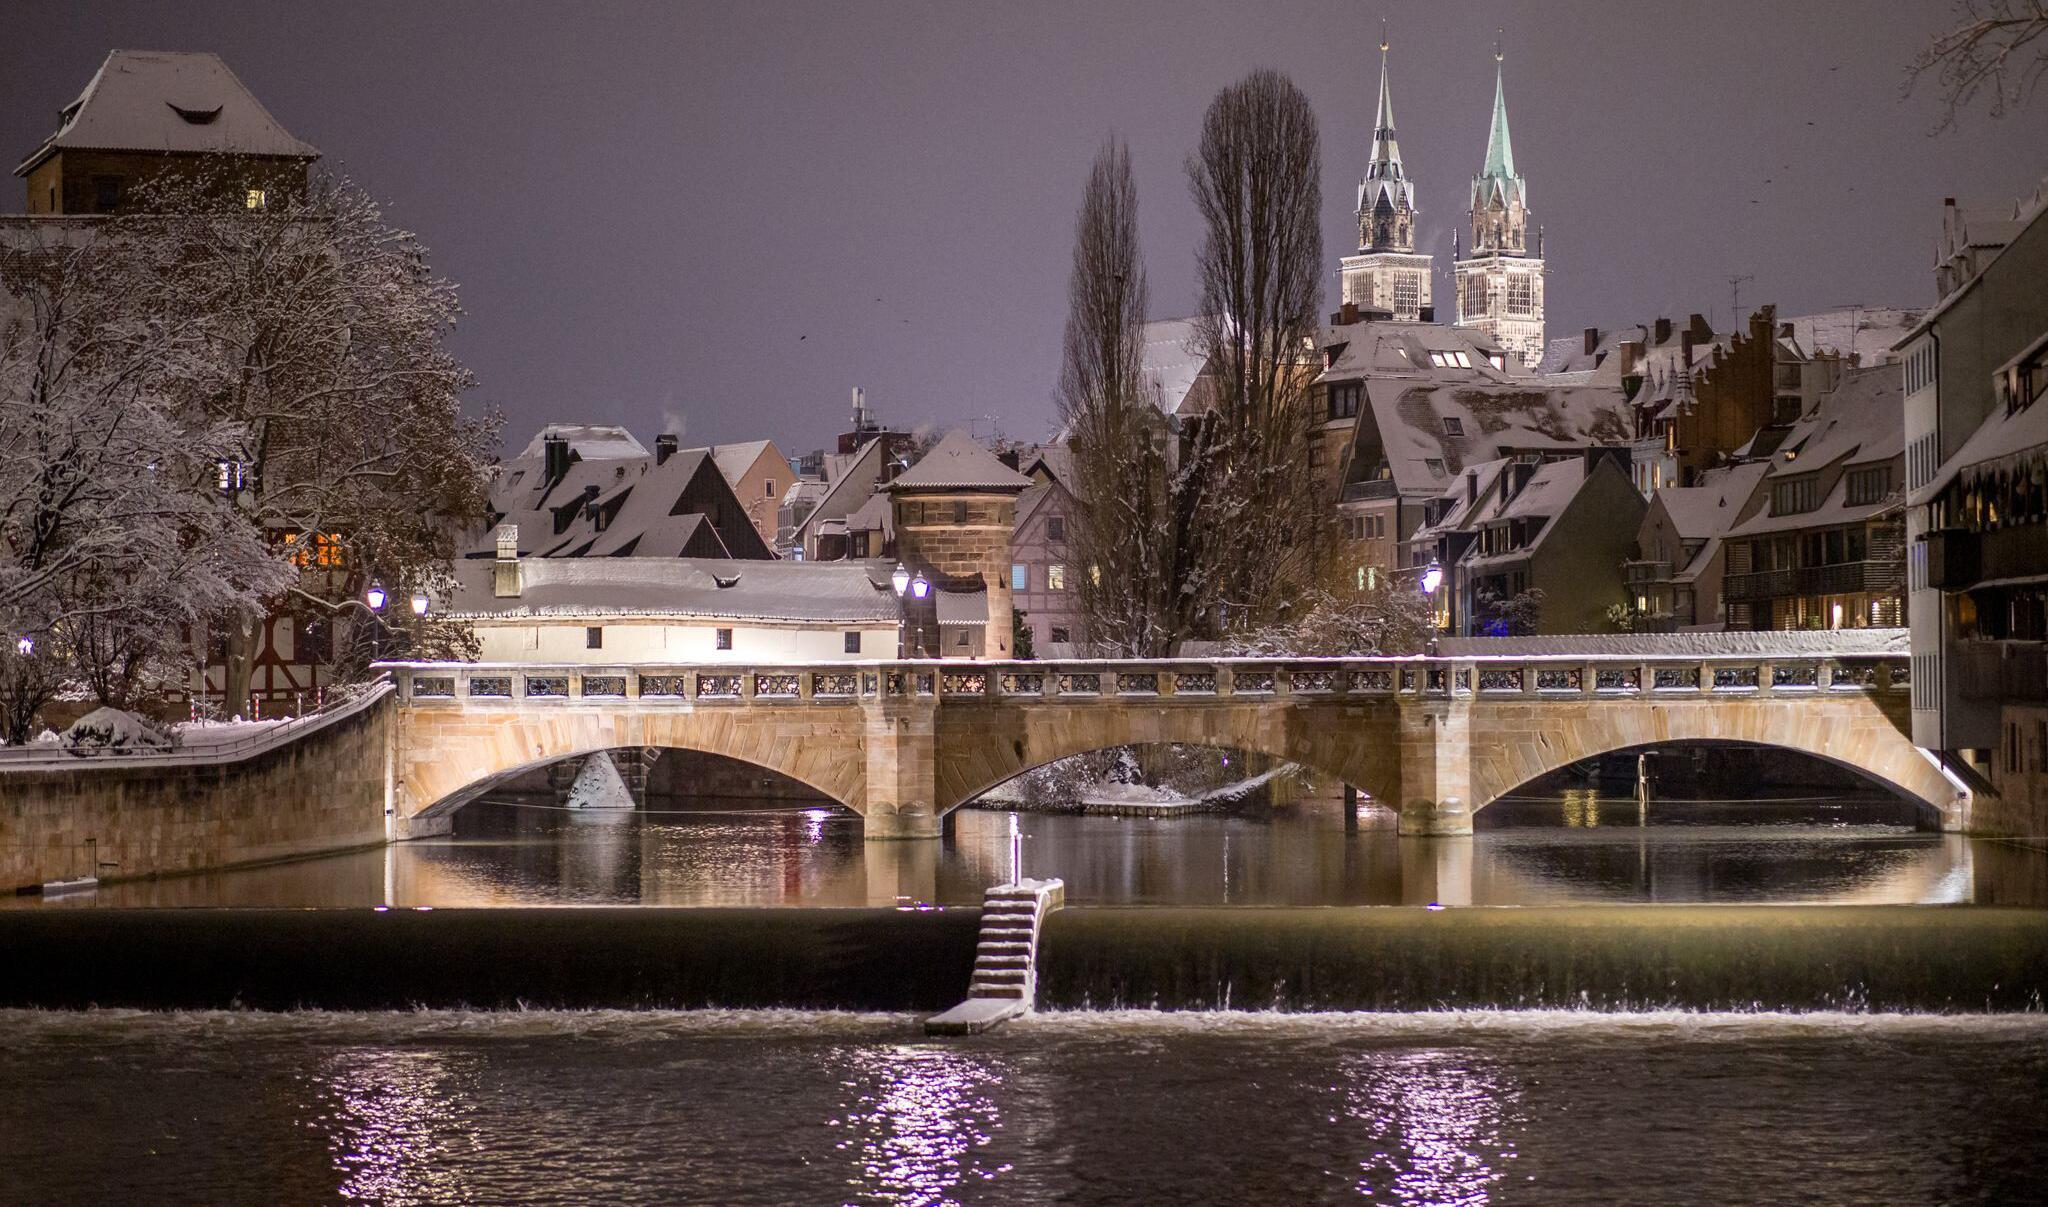 Bild zu Winterwetter - Schnee in Nürnberg